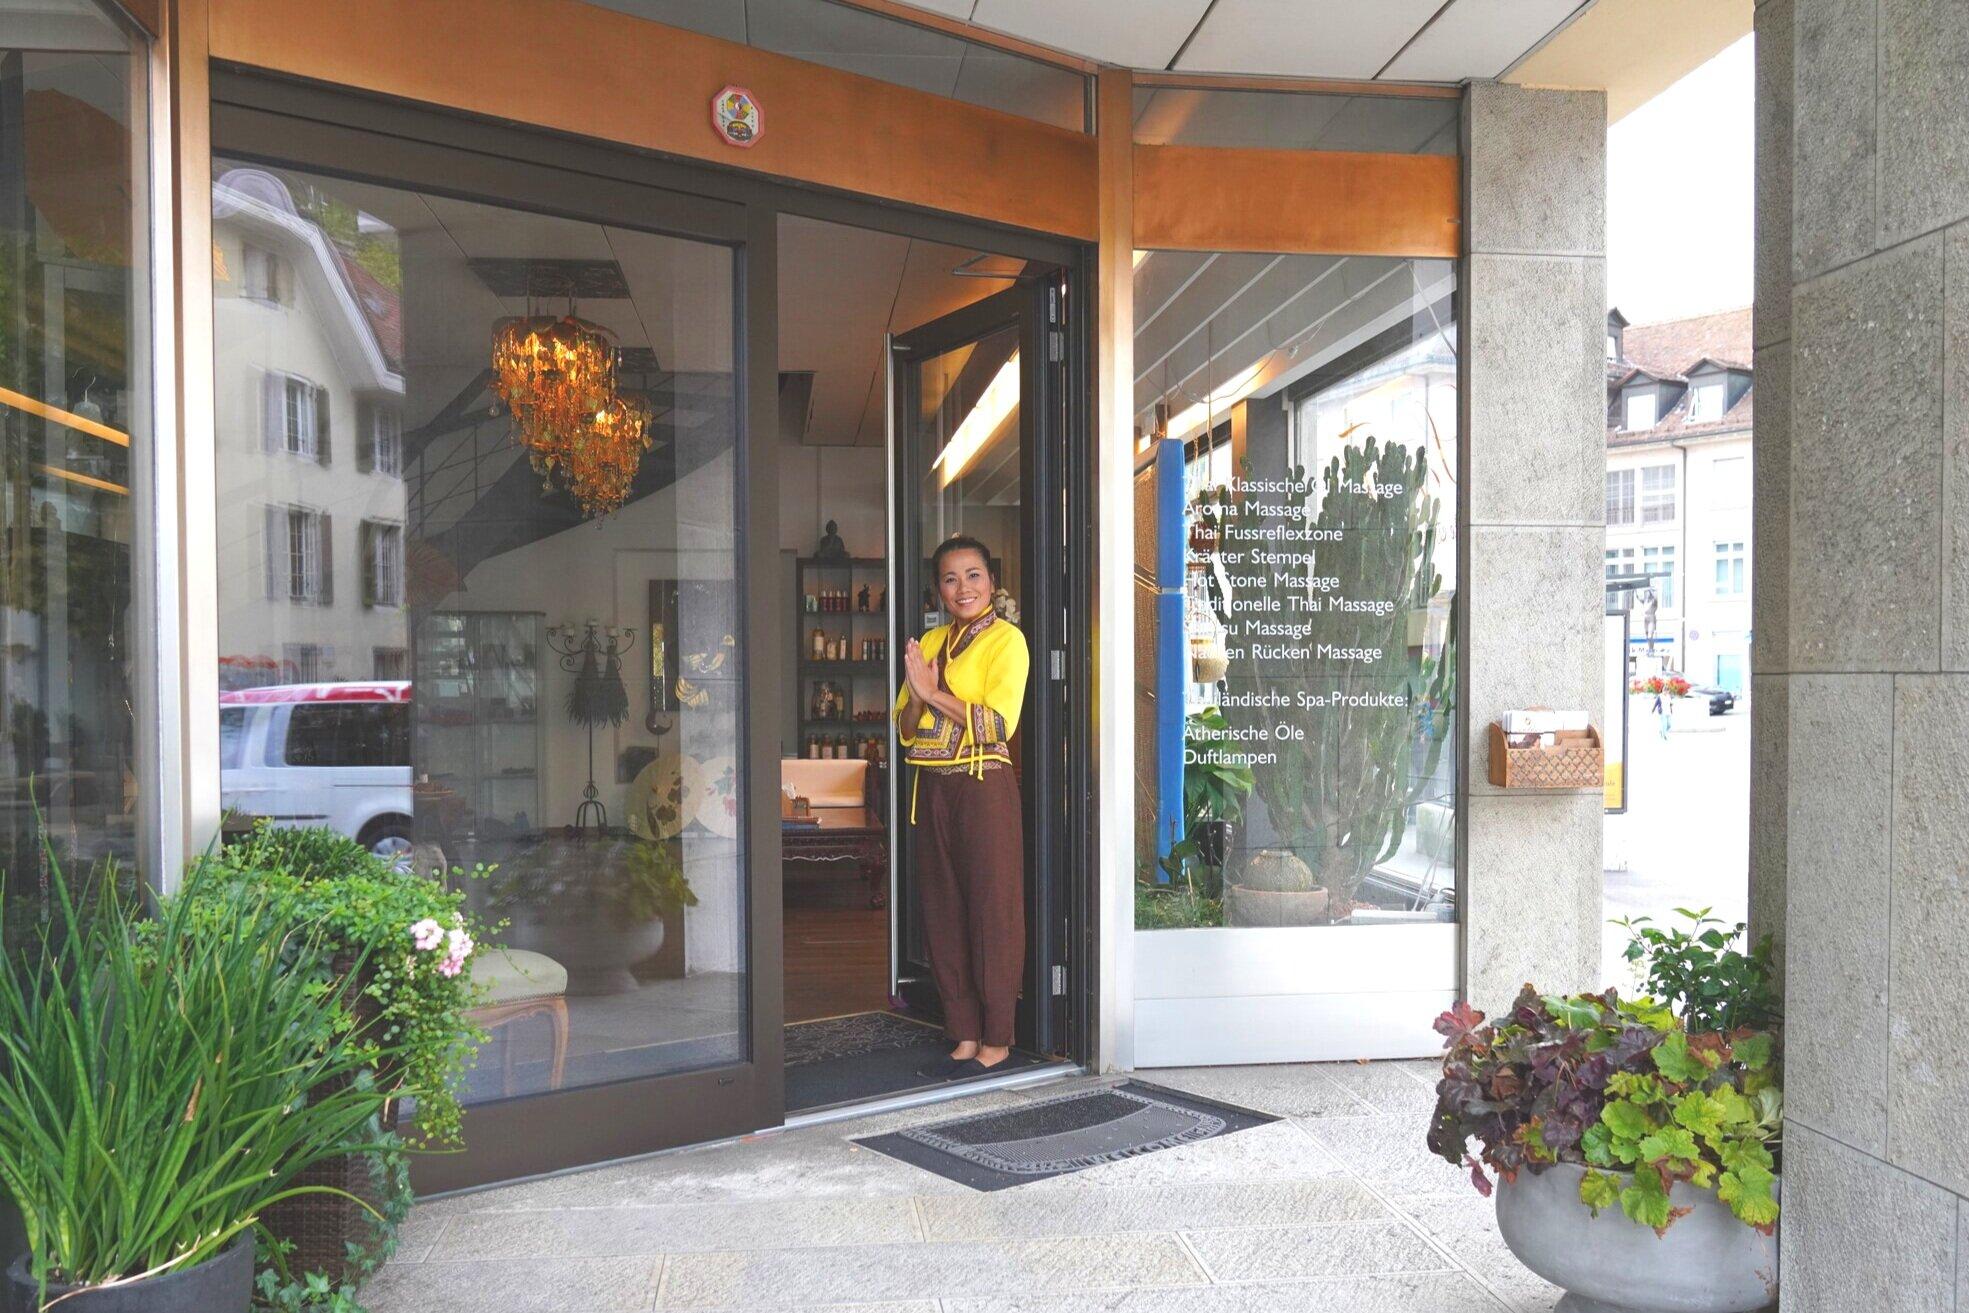 Ankommen - Herzlich willkommen bei Sén Thai! Tauchen Sie ein in unsere entspannte Atmosphäre. Ihre Zeit nur für sich allen beginnt jetzt.